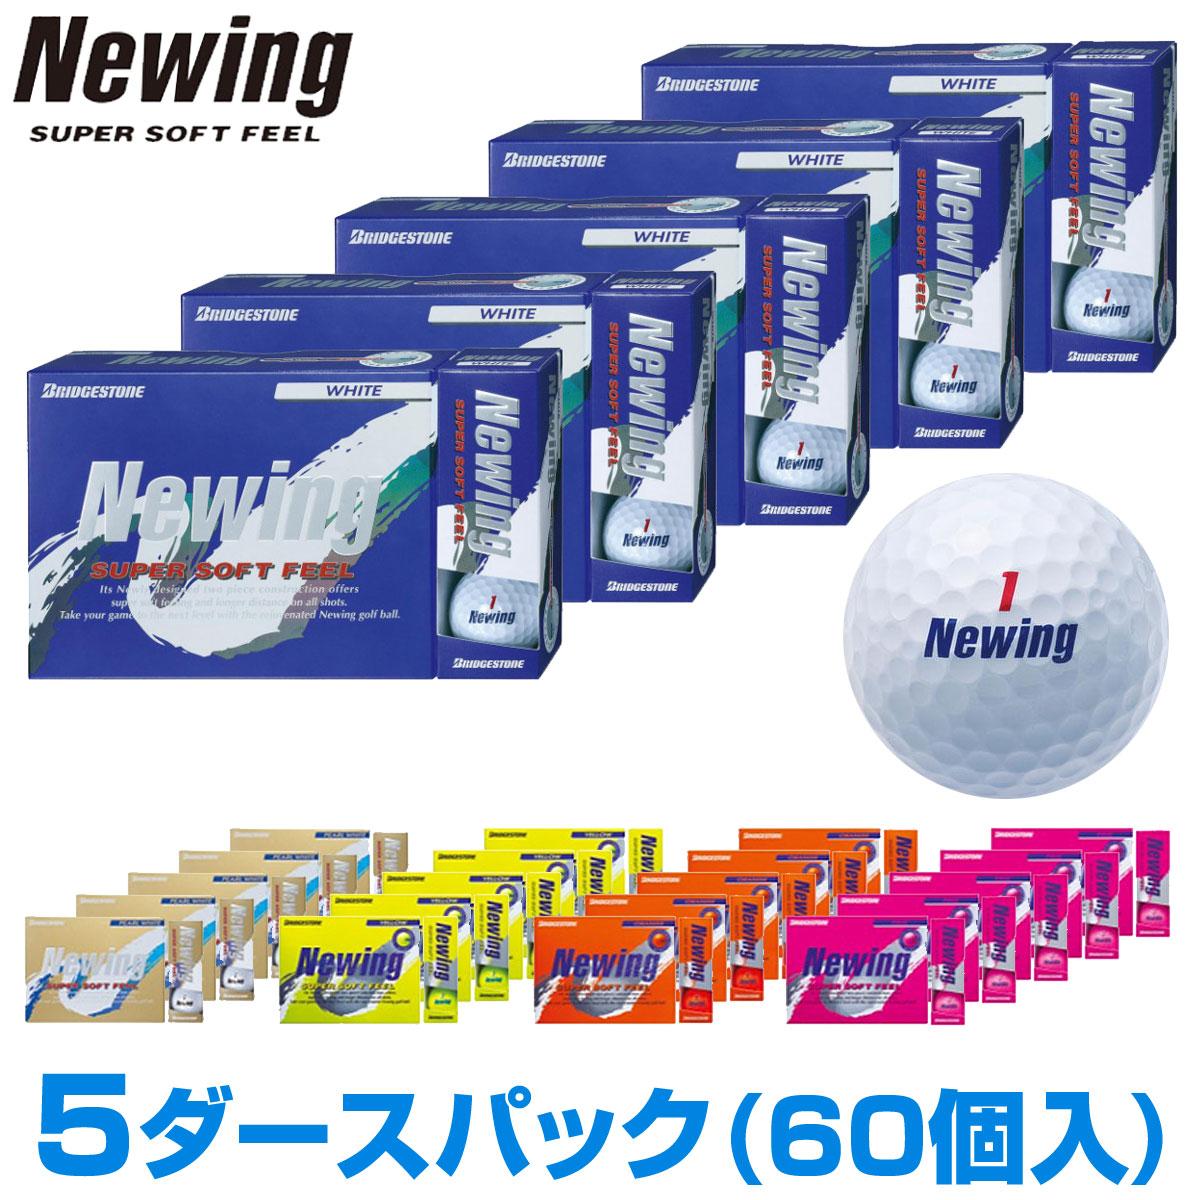 Bridgestone(ブリヂストン)日本正規品 NEWING SUPER SOFT FEEL(ニューイング スーパーソフトフィール) ゴルフボール5ダース(60個入) 【あす楽対応】